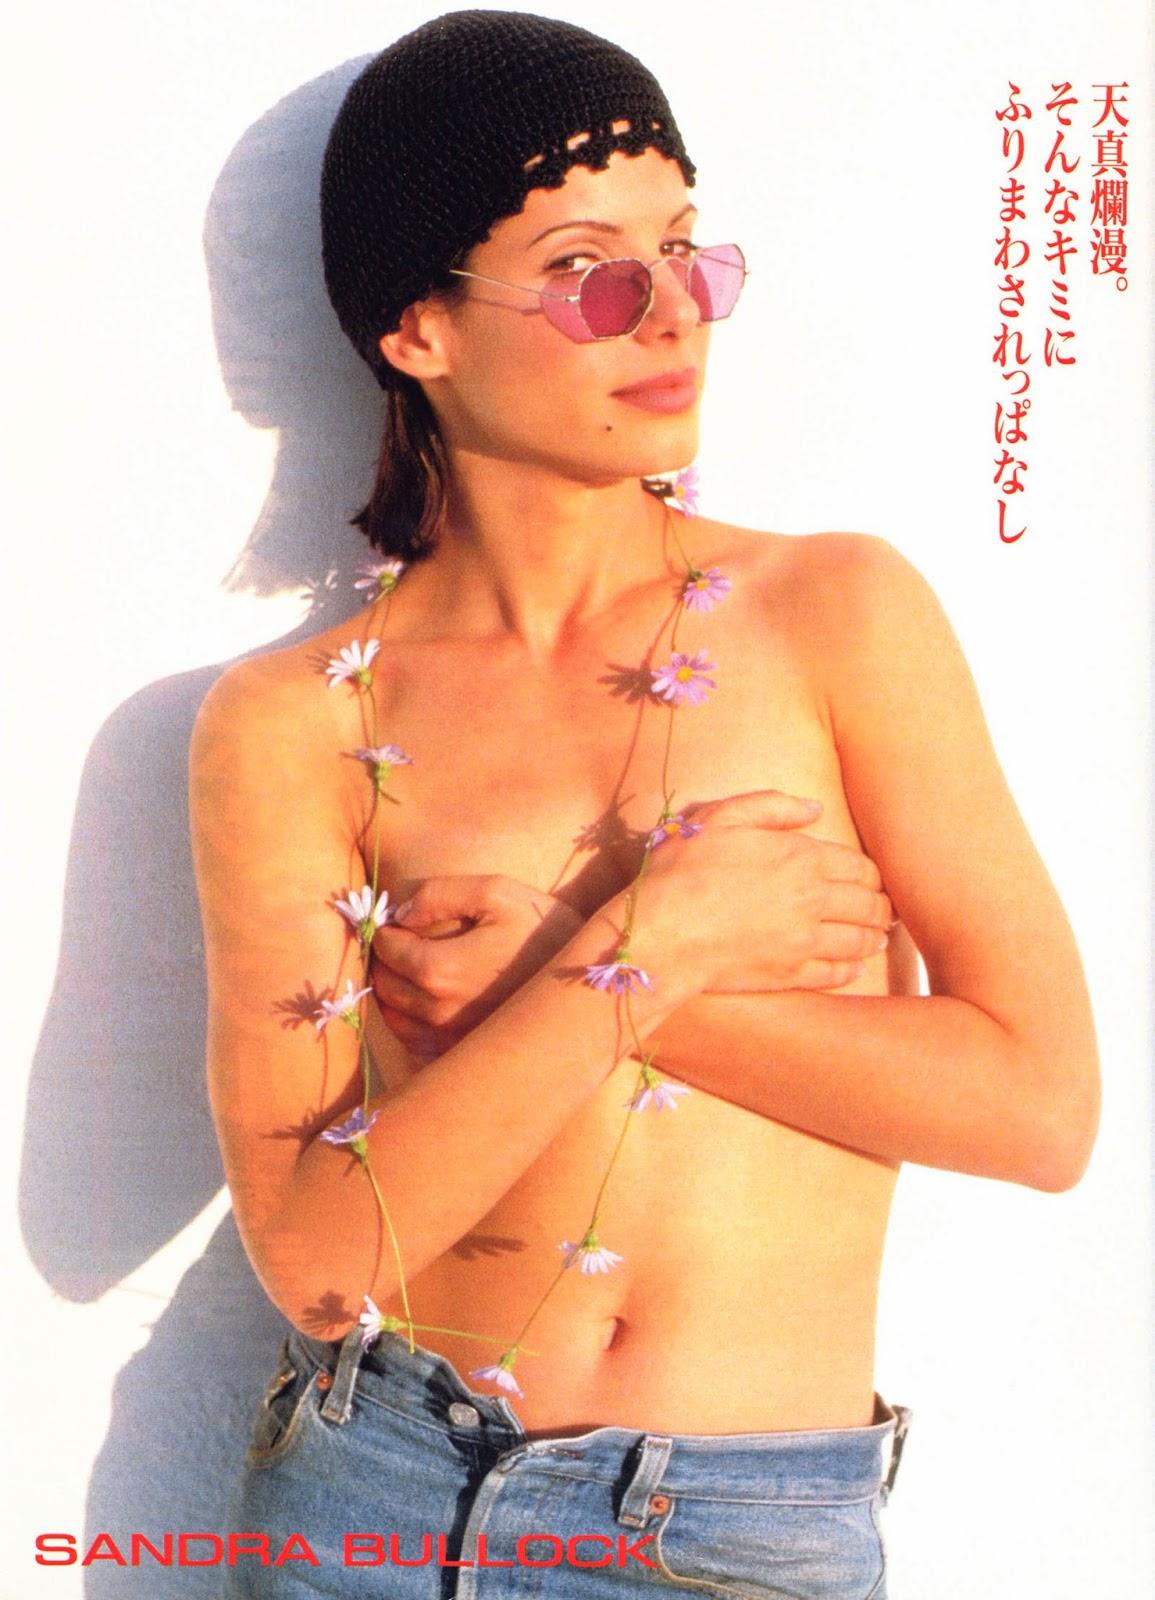 Sandra Bullock, sus desnudos y escenas más candentes